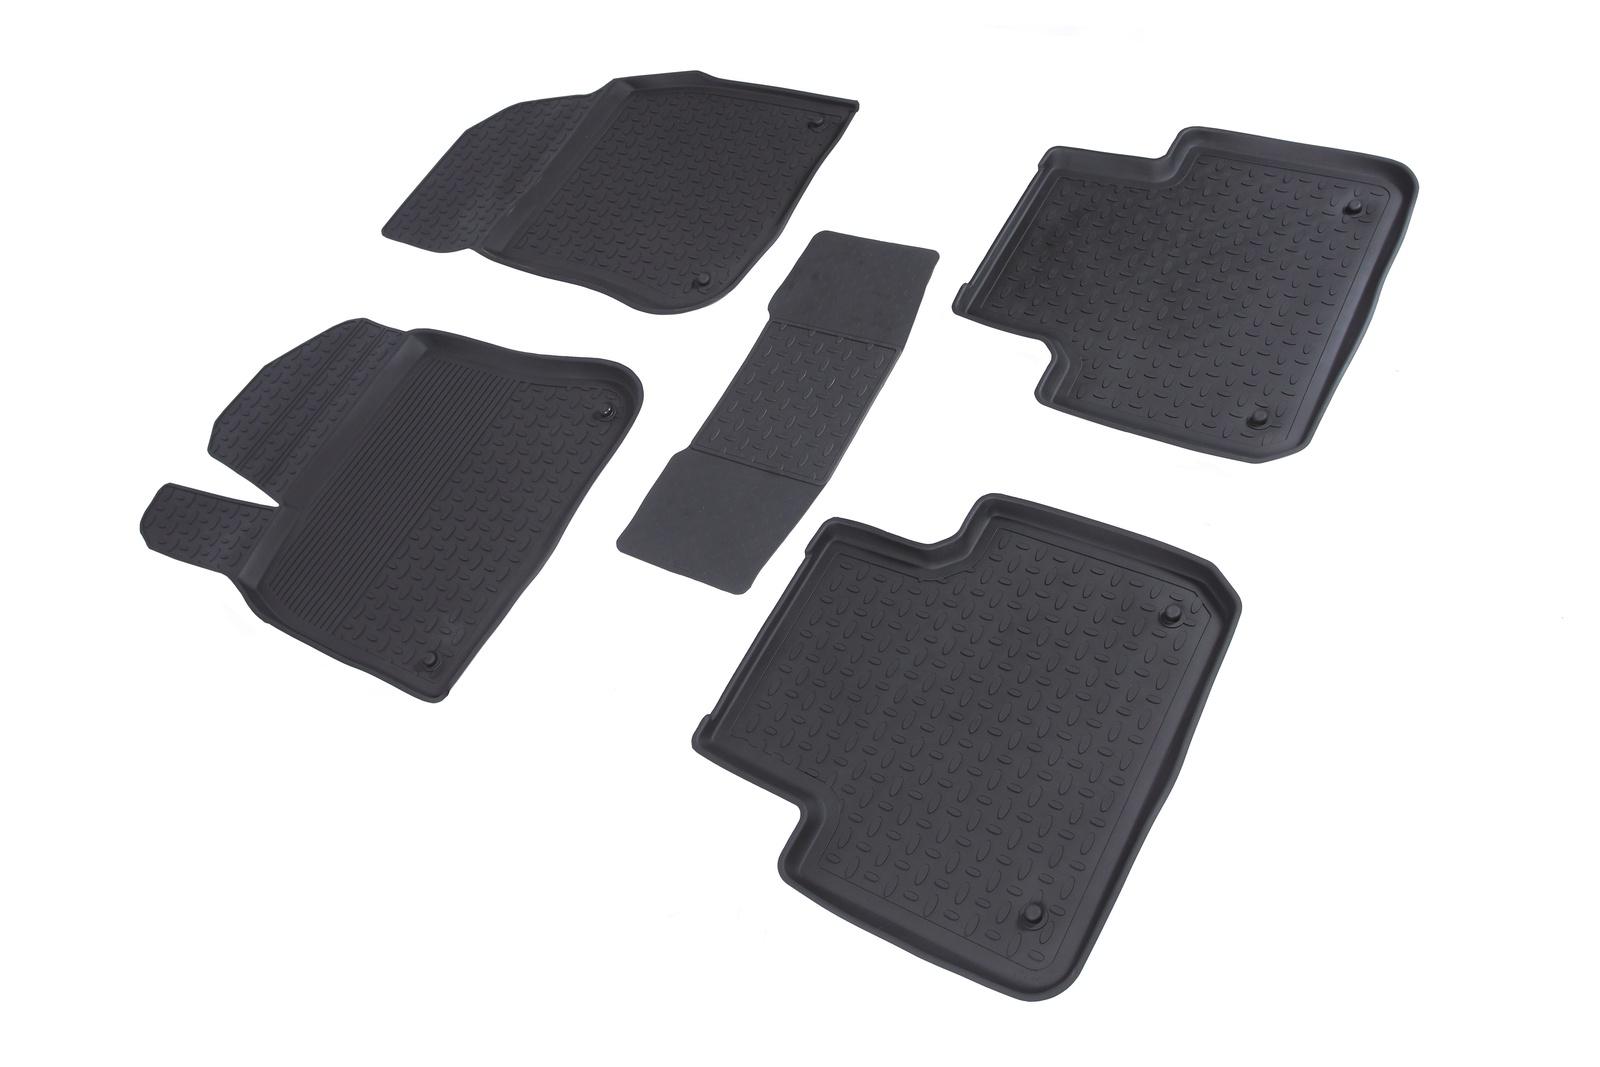 все цены на Коврики в салон автомобиля Seintex Резиновые коврики с высоким бортом для Geely Emgrand 2009-2016 онлайн